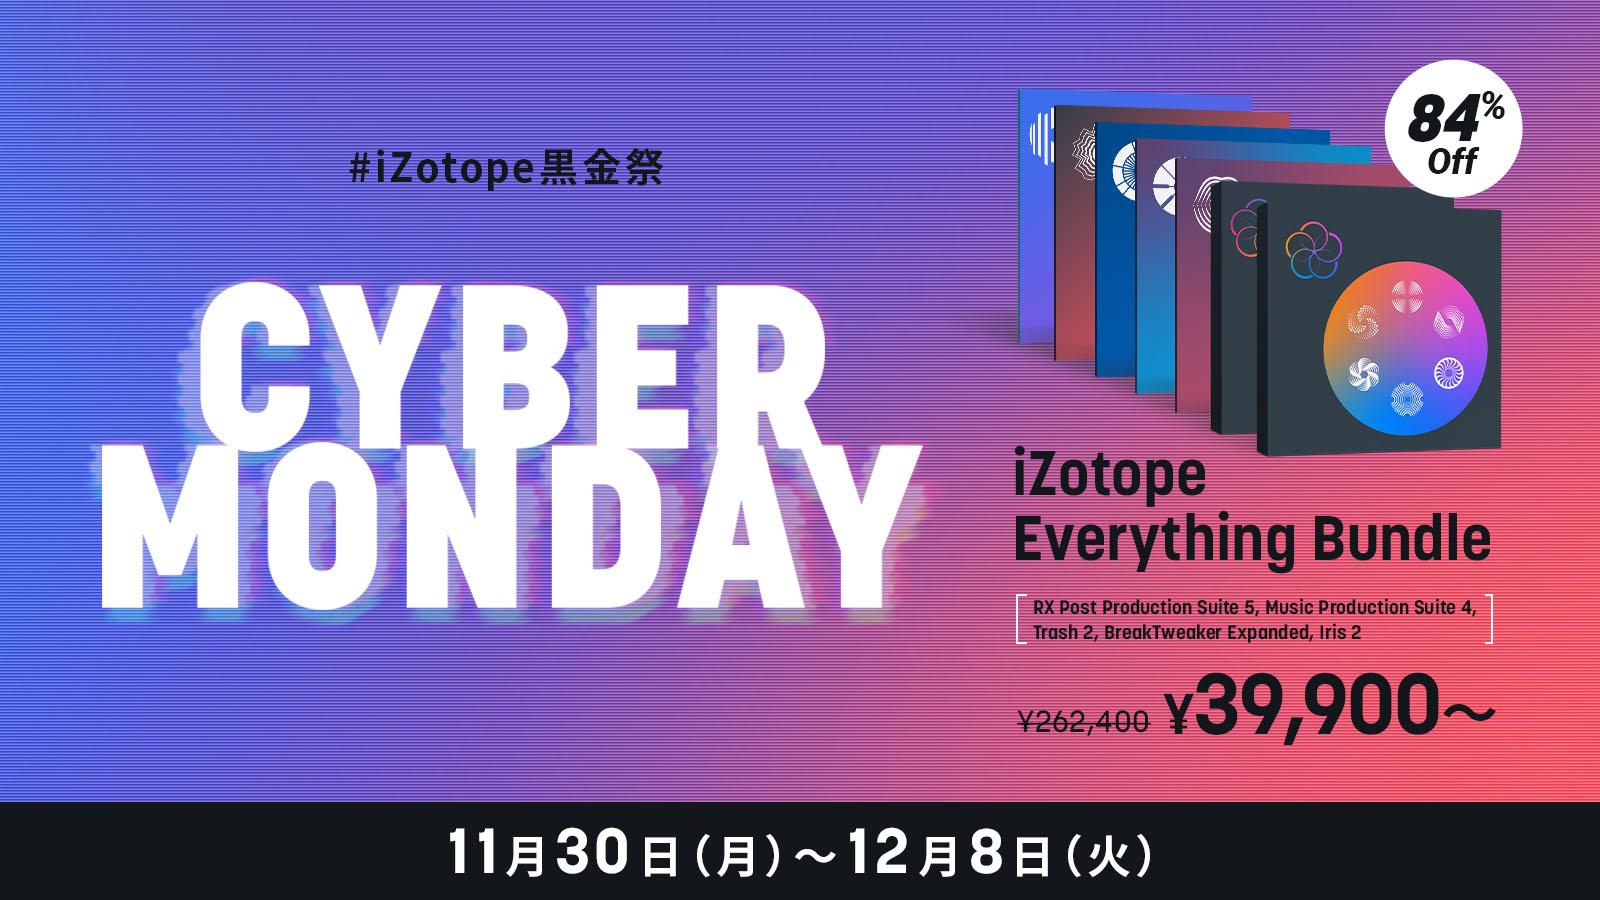 【最大84%OFF】iZotope 全部入り「Everything Bundle」がサイバーマンデーセール中!